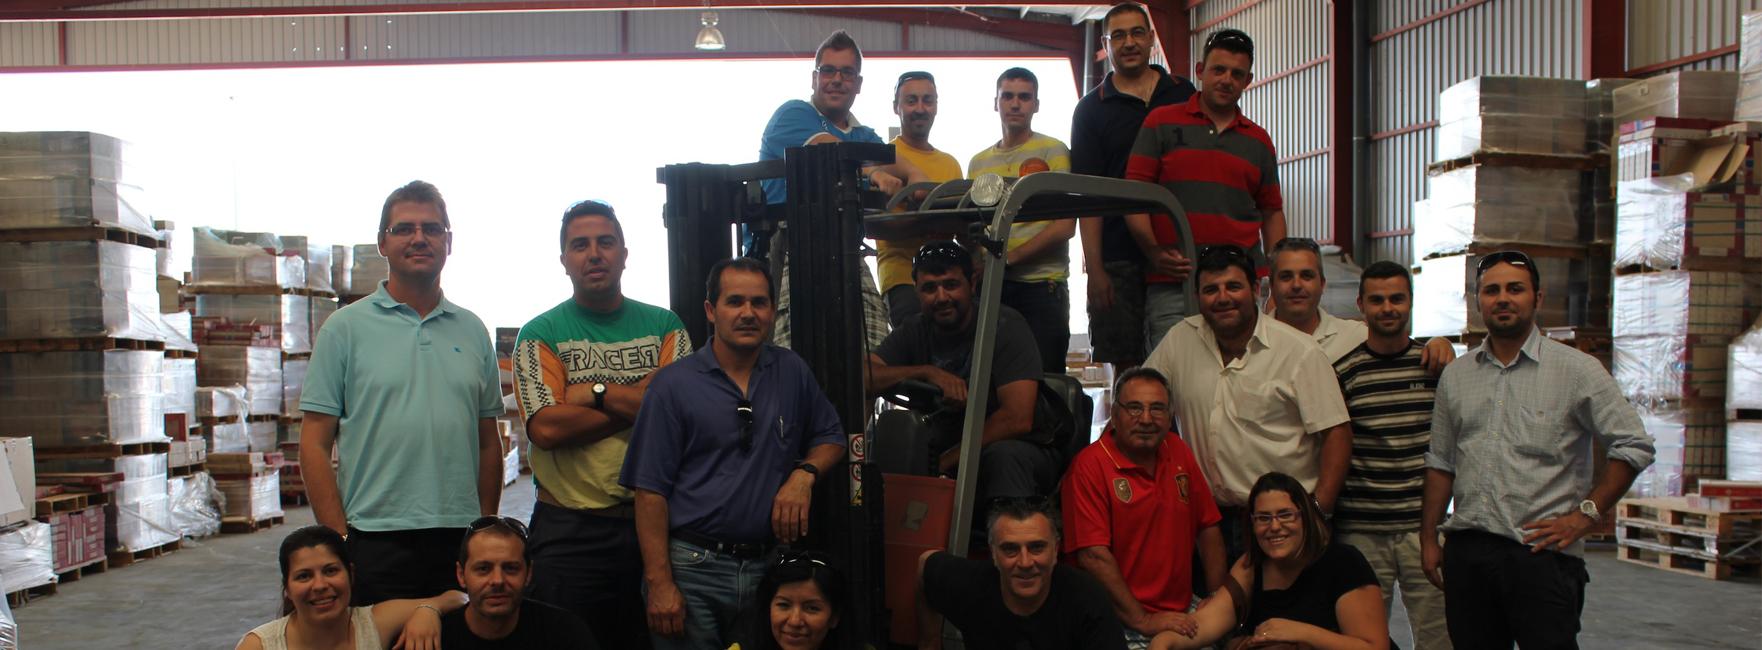 Formarse como conductor profesional en nuestro centro de formación para el transporte